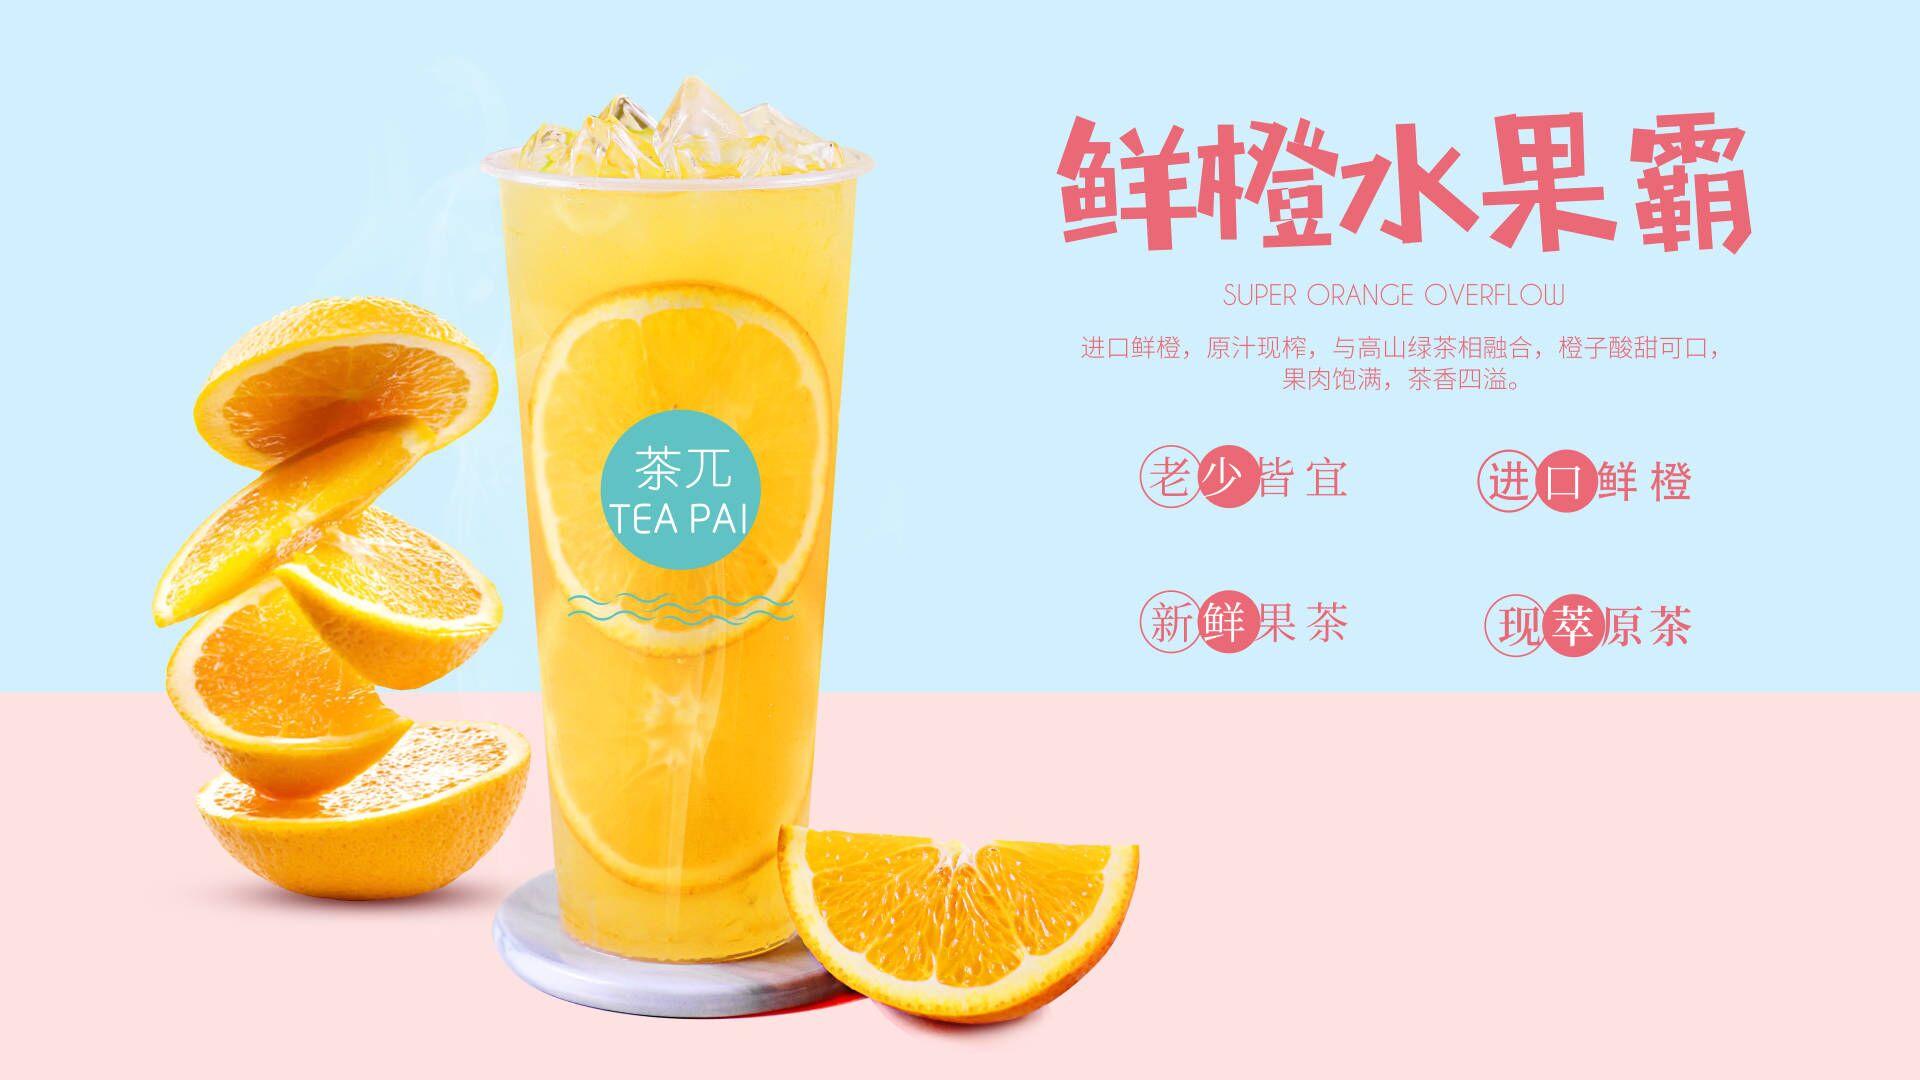 鮮橙水果霸